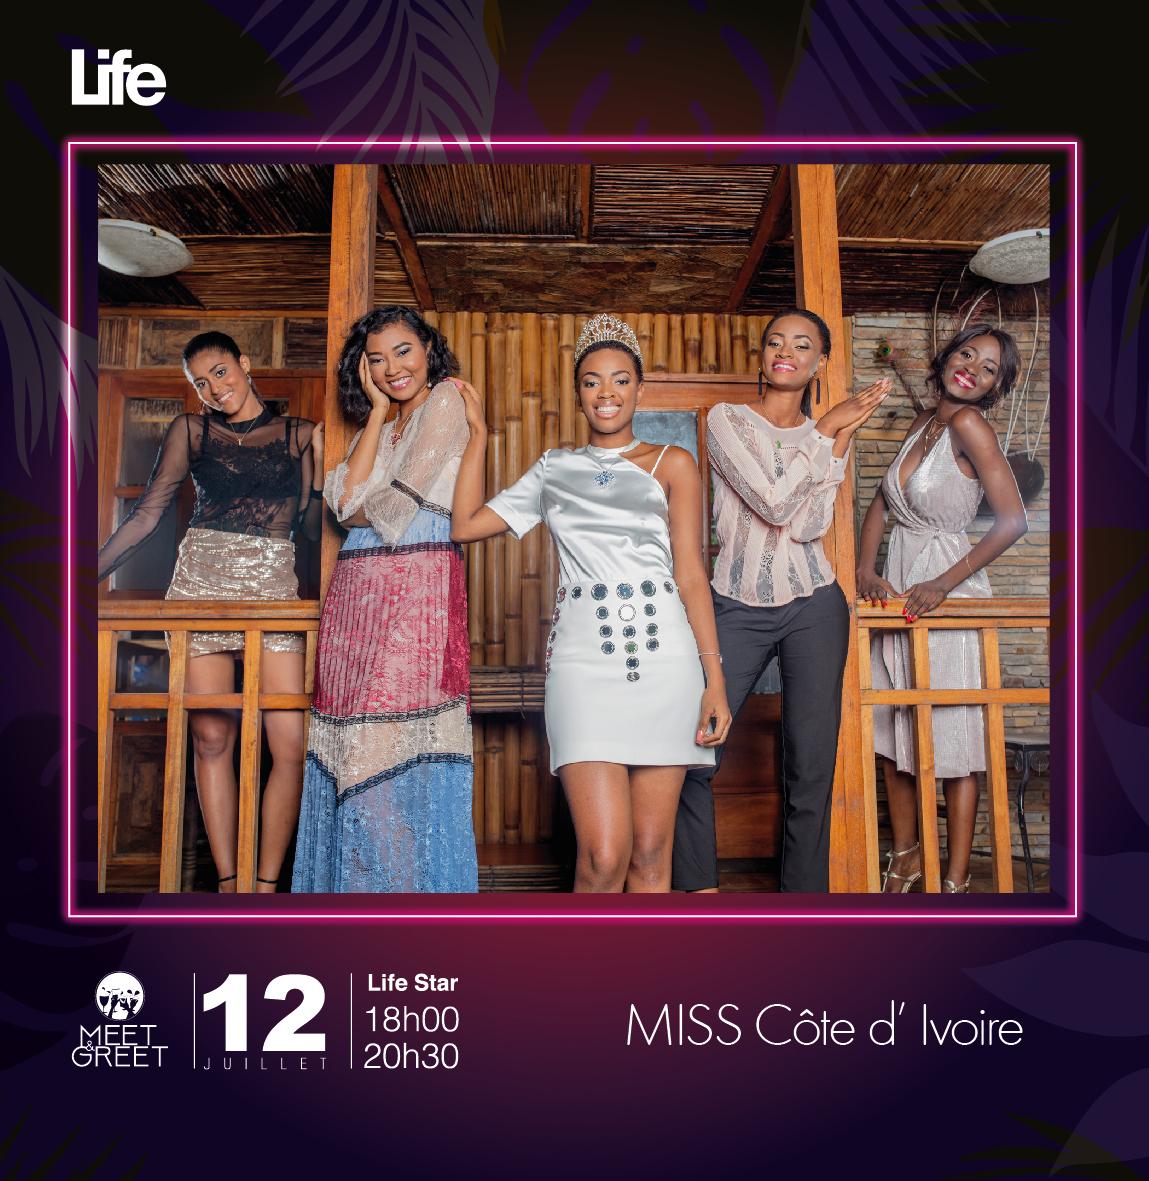 Life #142 meet & greet -13